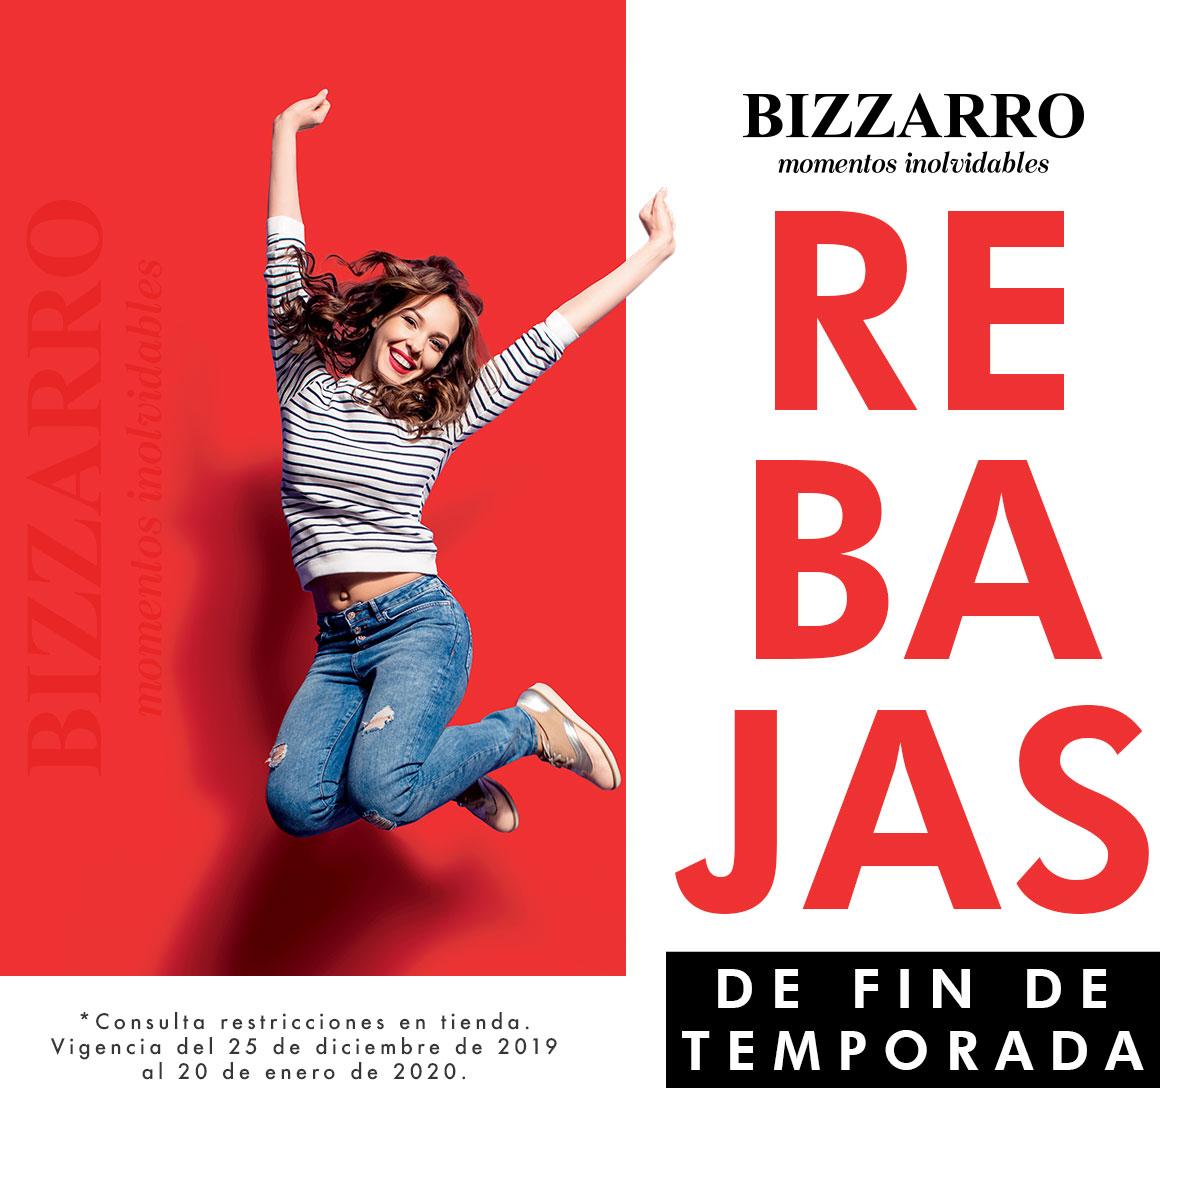 REBAJAS_1200X1200